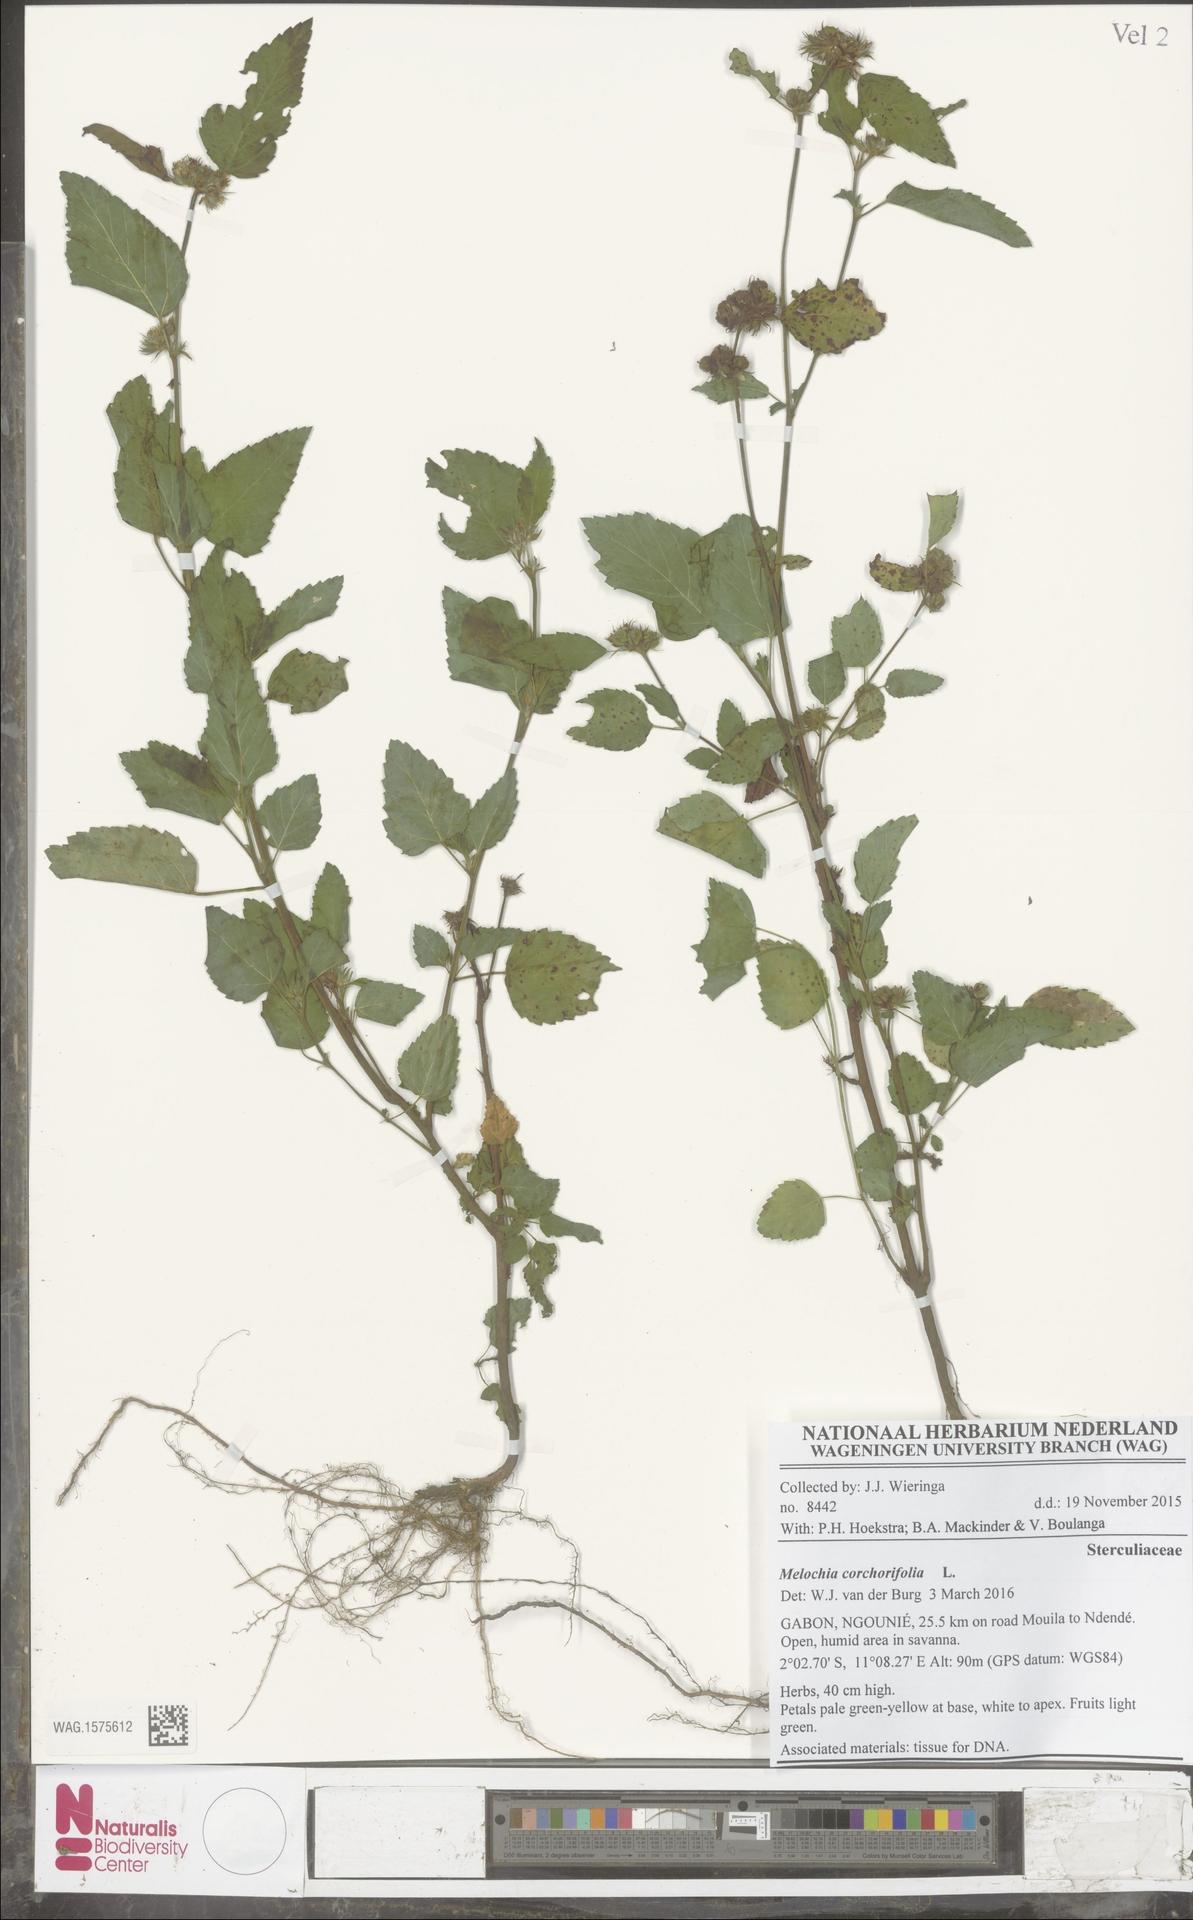 WAG.1575612   Melochia corchorifolia L.